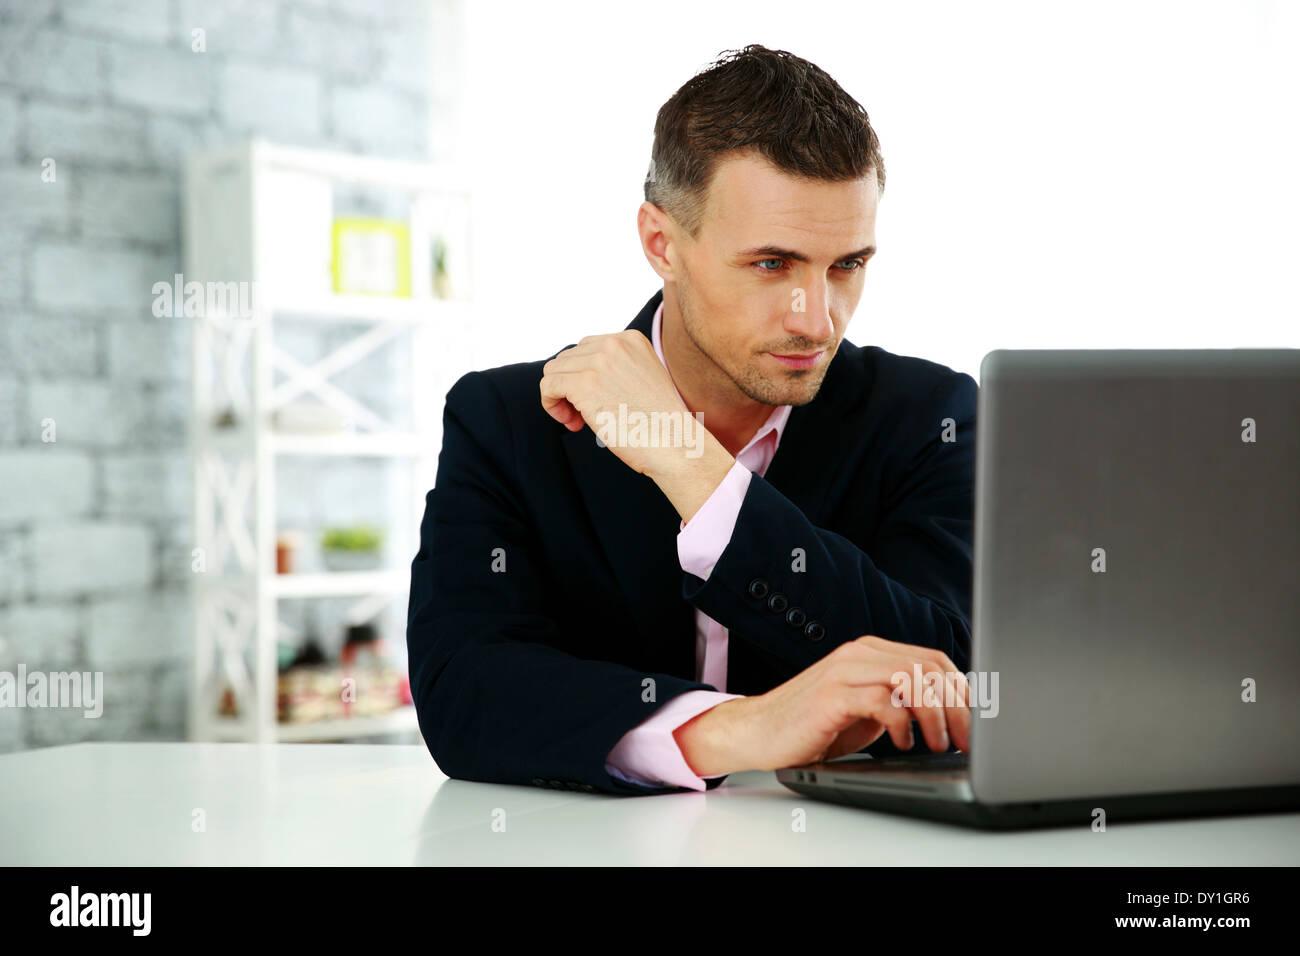 Seguros de empresario trabajando en un portátil en la oficina Imagen De Stock